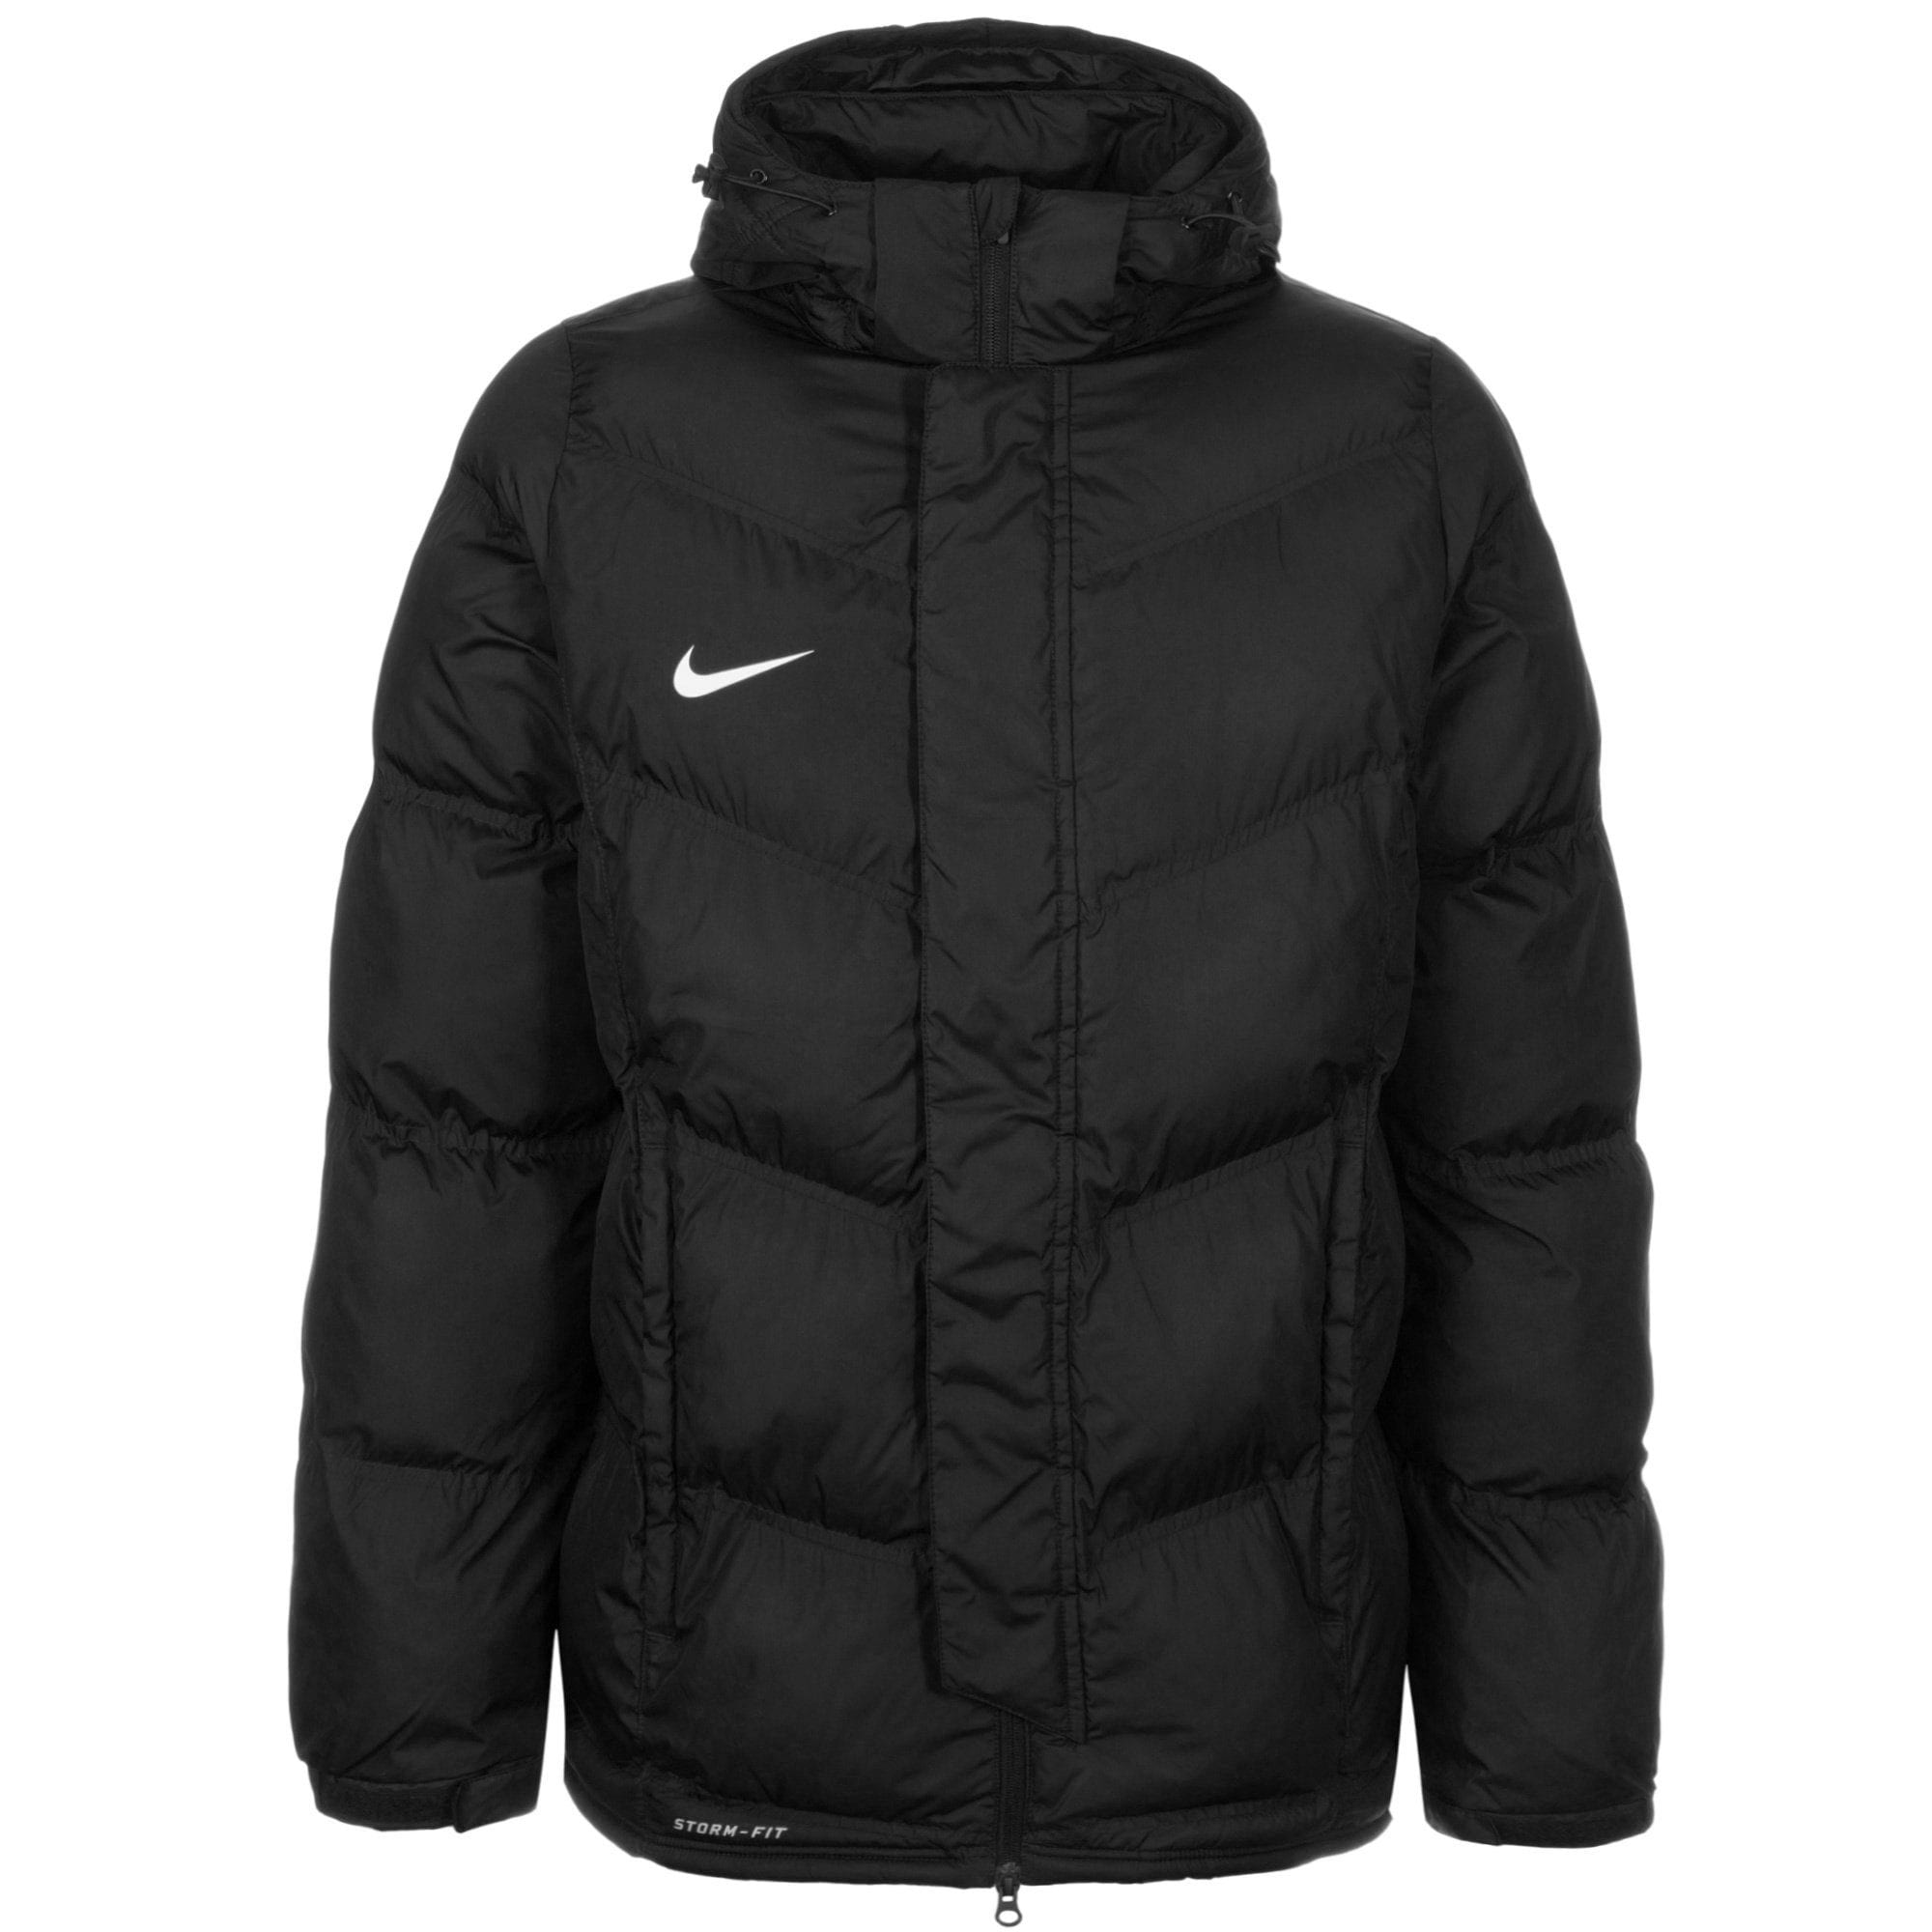 Nike Winterjacke »Team« mit Kordelzug online kaufen   BAUR